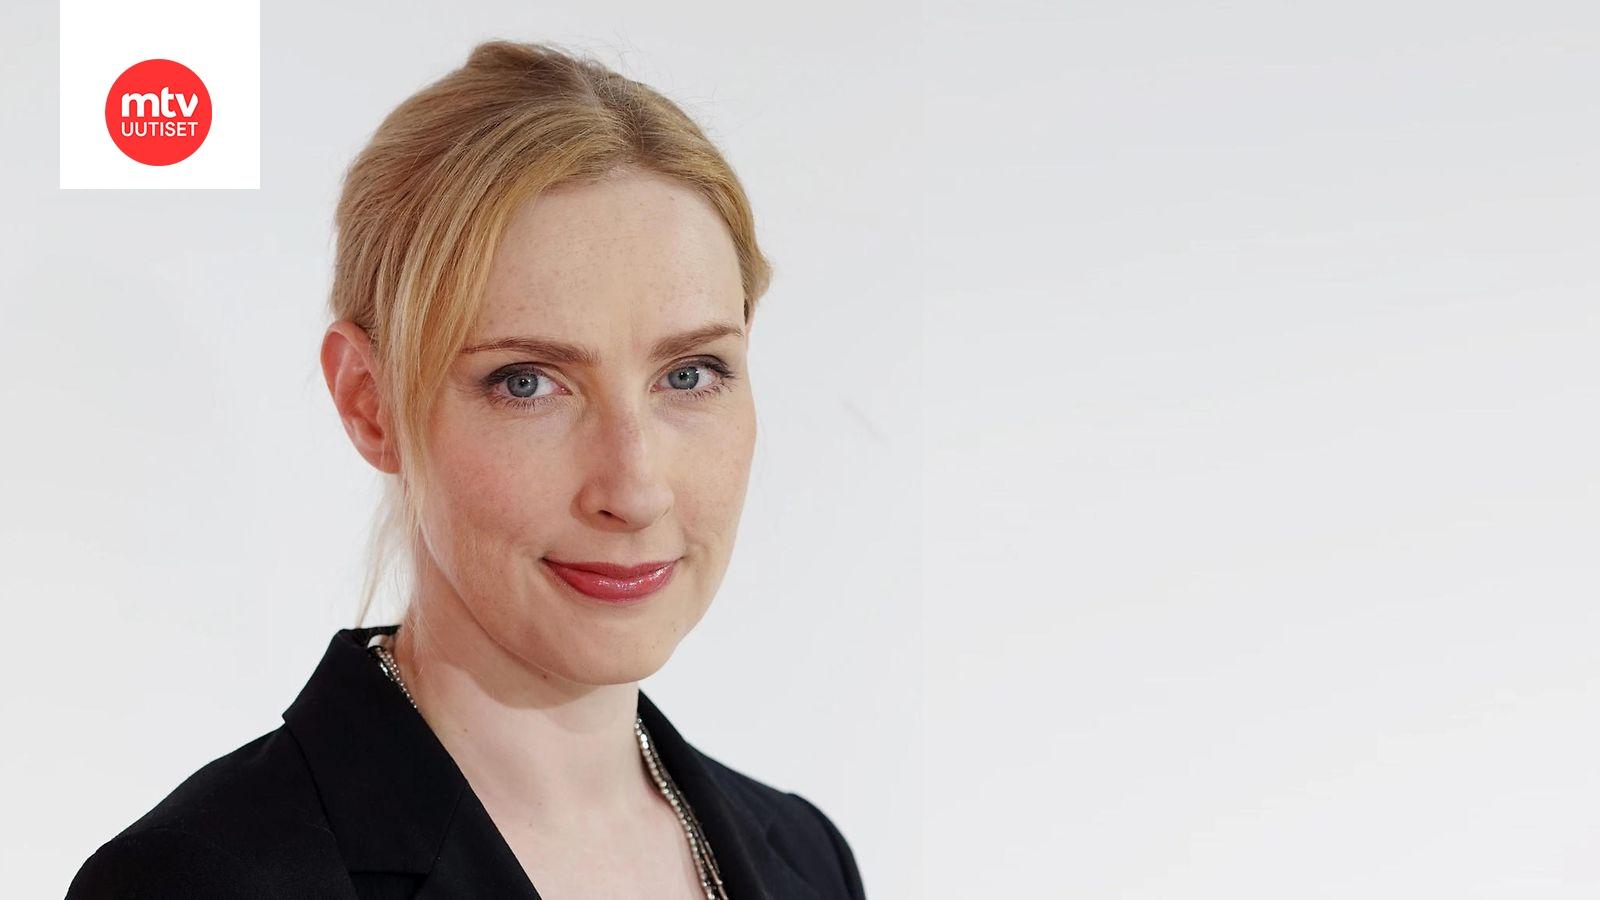 Mirja Kivimäki